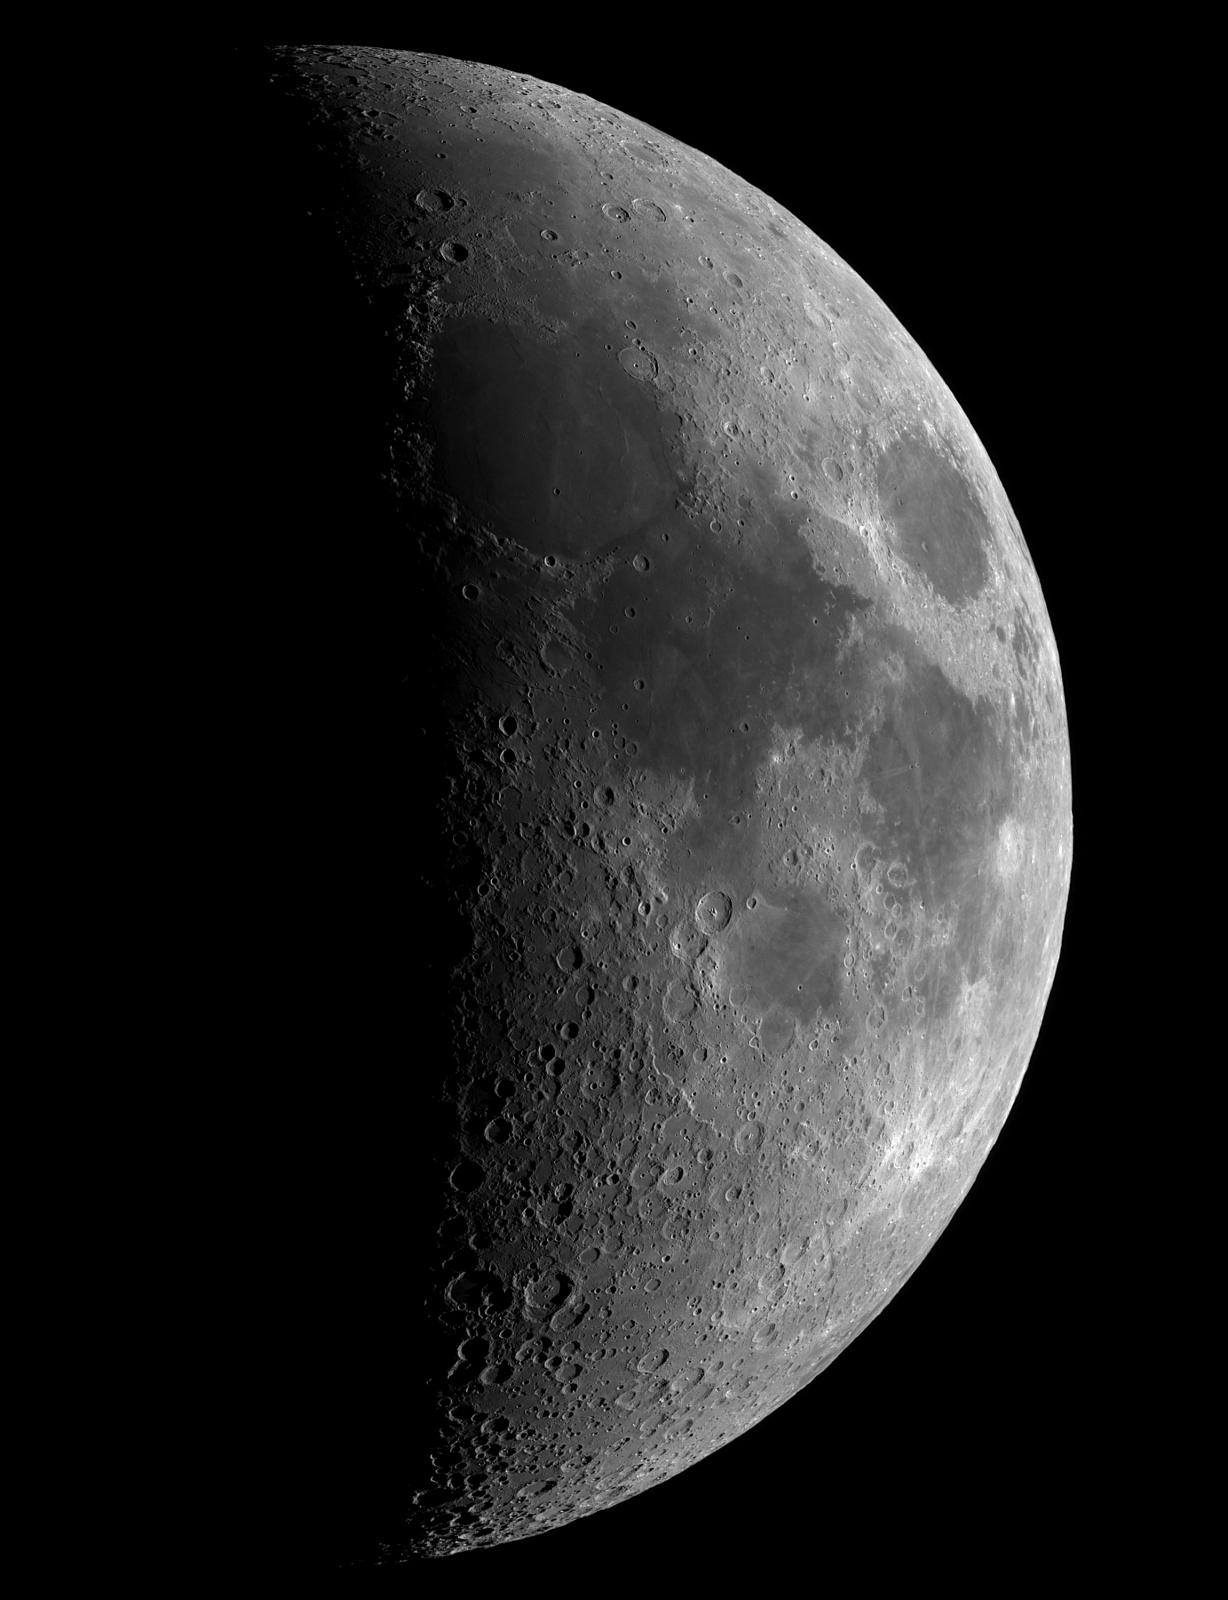 Księżyc 22h przed I kw.  20.03.2021r_18.30_TS152F900_ASI290MM_Omegon Halpha 12nm_mozaika105%....jpg